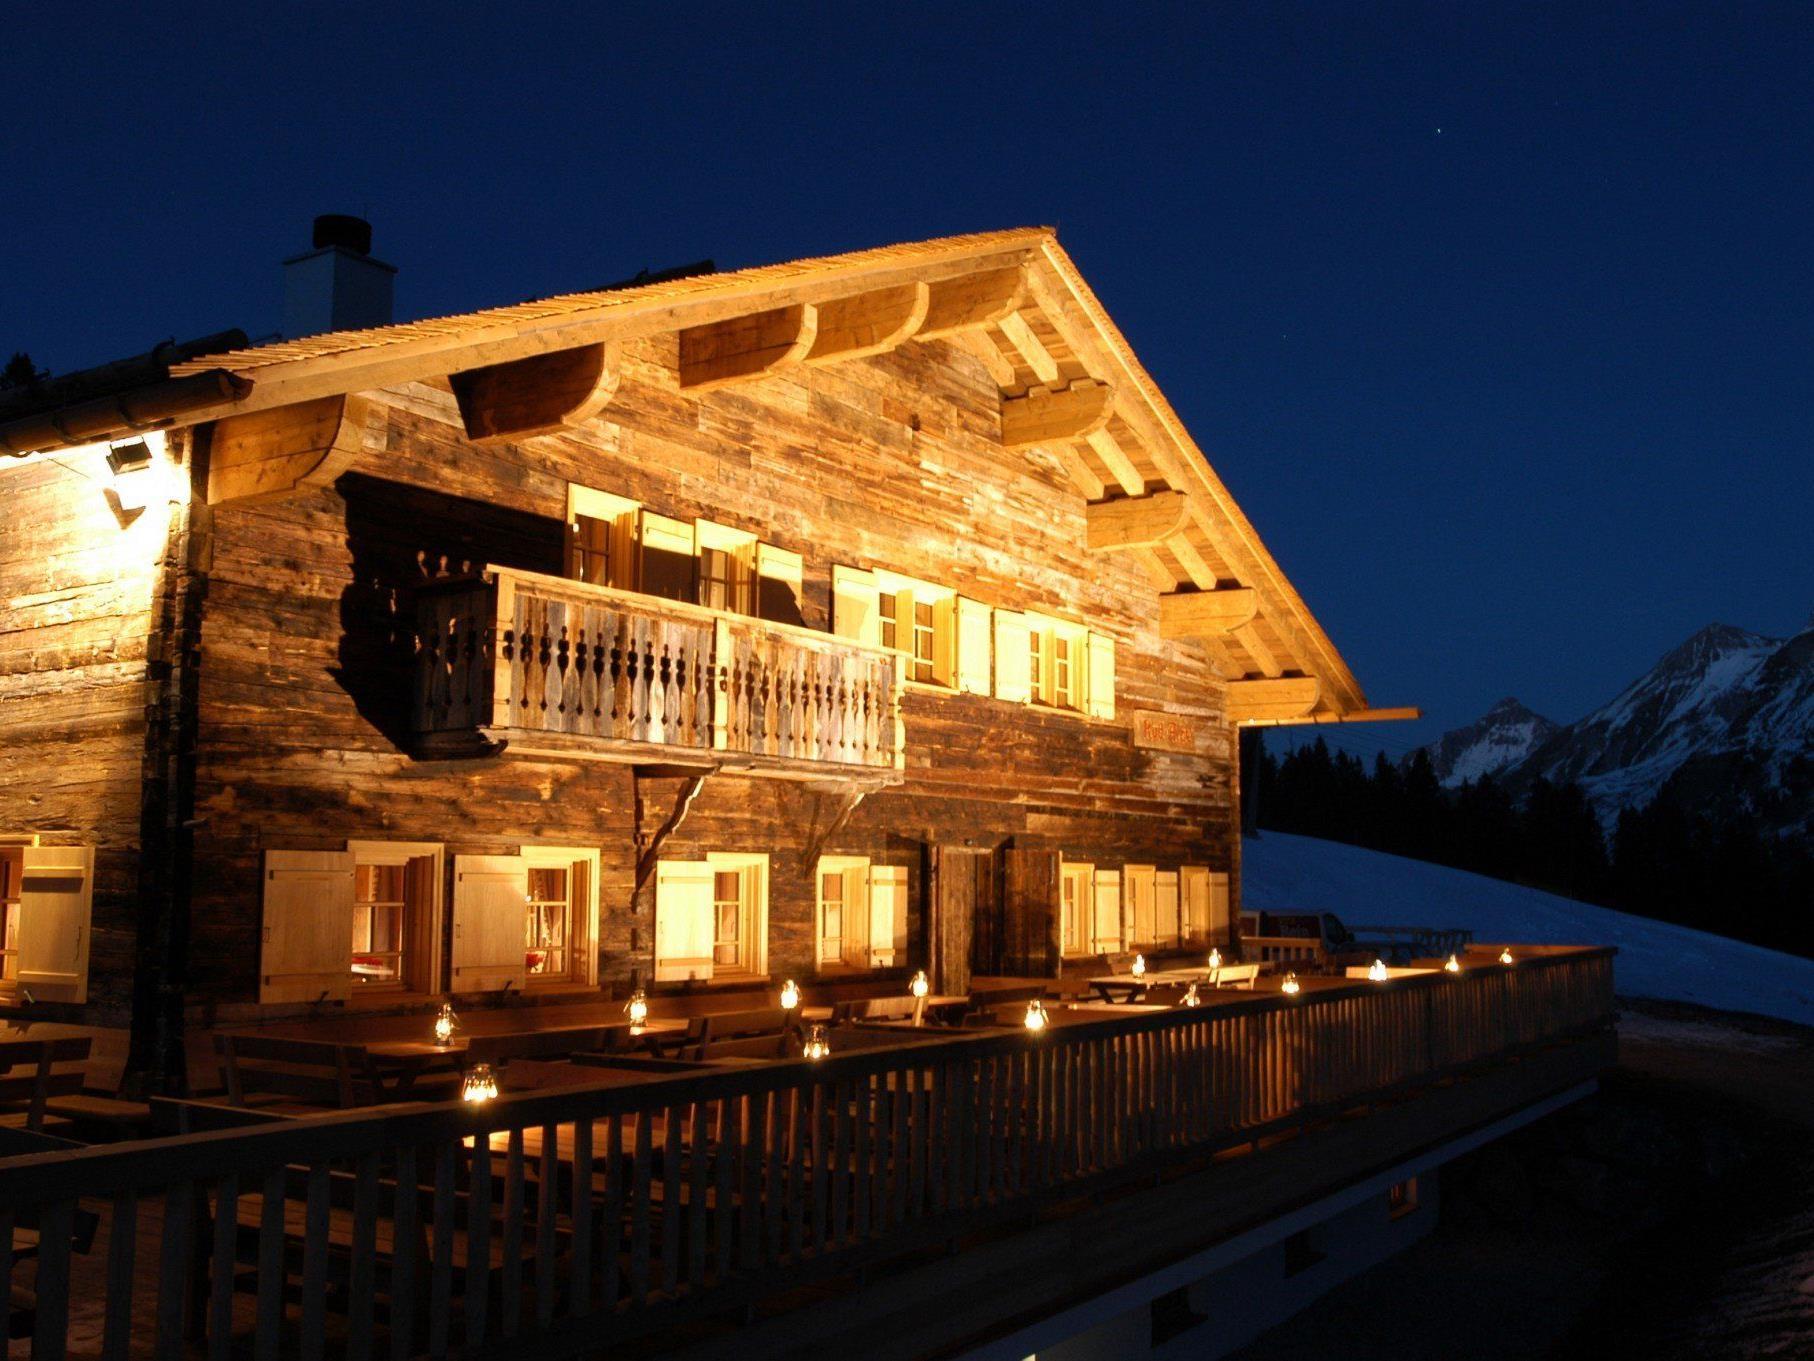 Die Rud-Alp ist eine traditionelle Hütte mit urgemütlichen Altholz-Stuben.